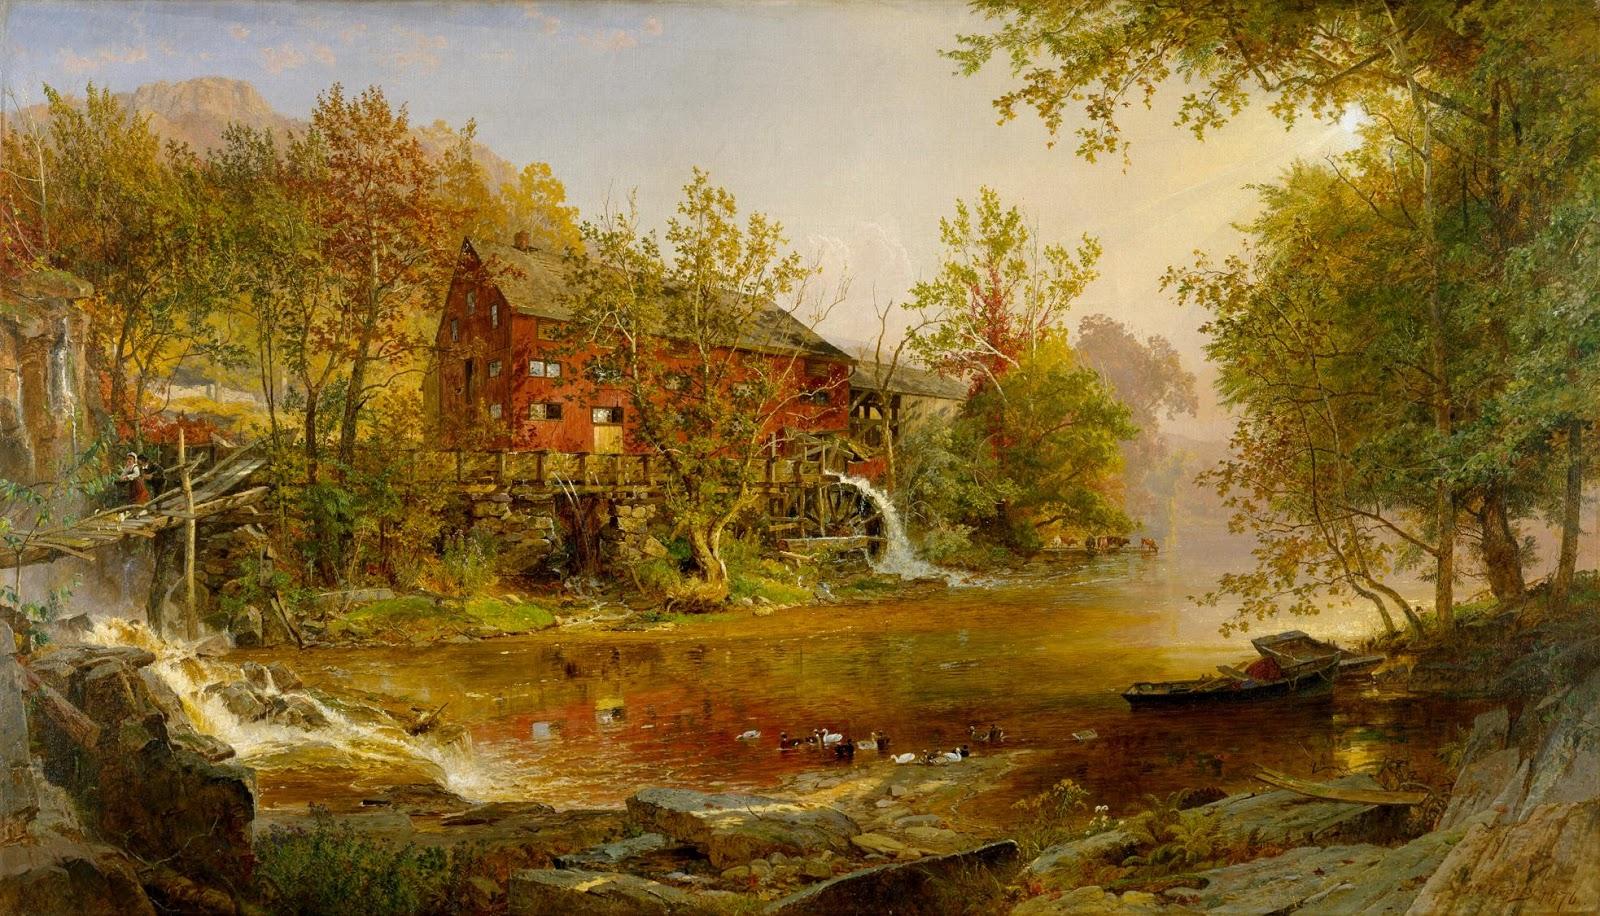 19th Century American Paintings Hudson Valley School Ctd